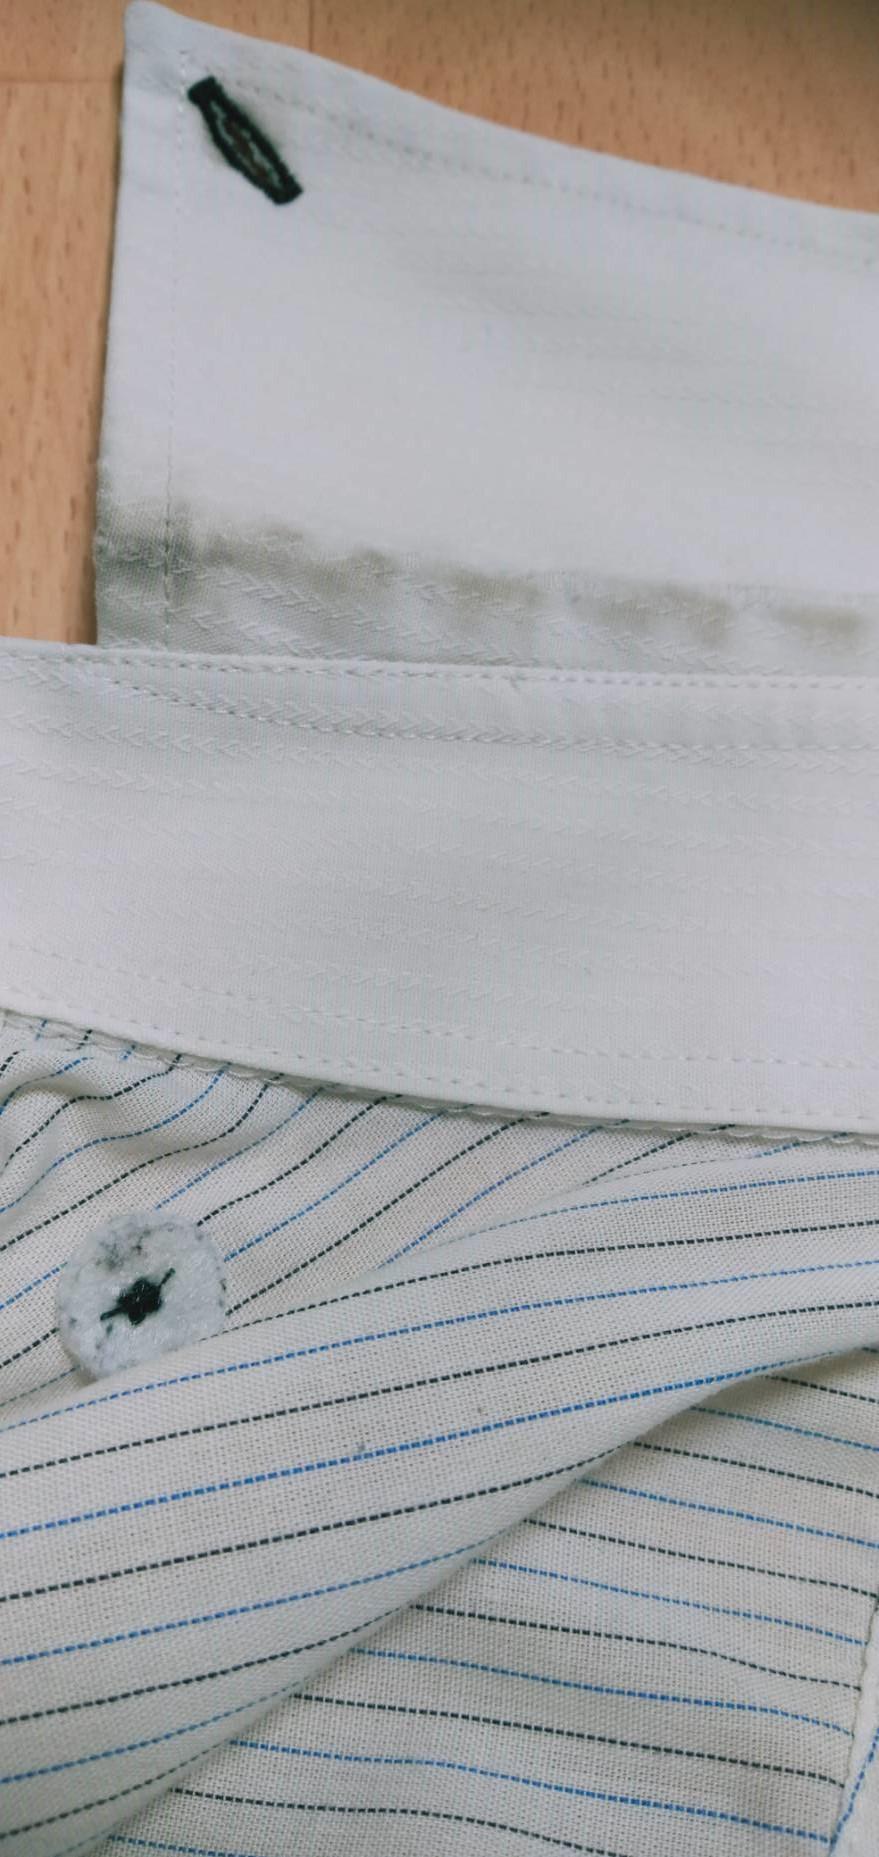 ワイシャツの襟汚れ